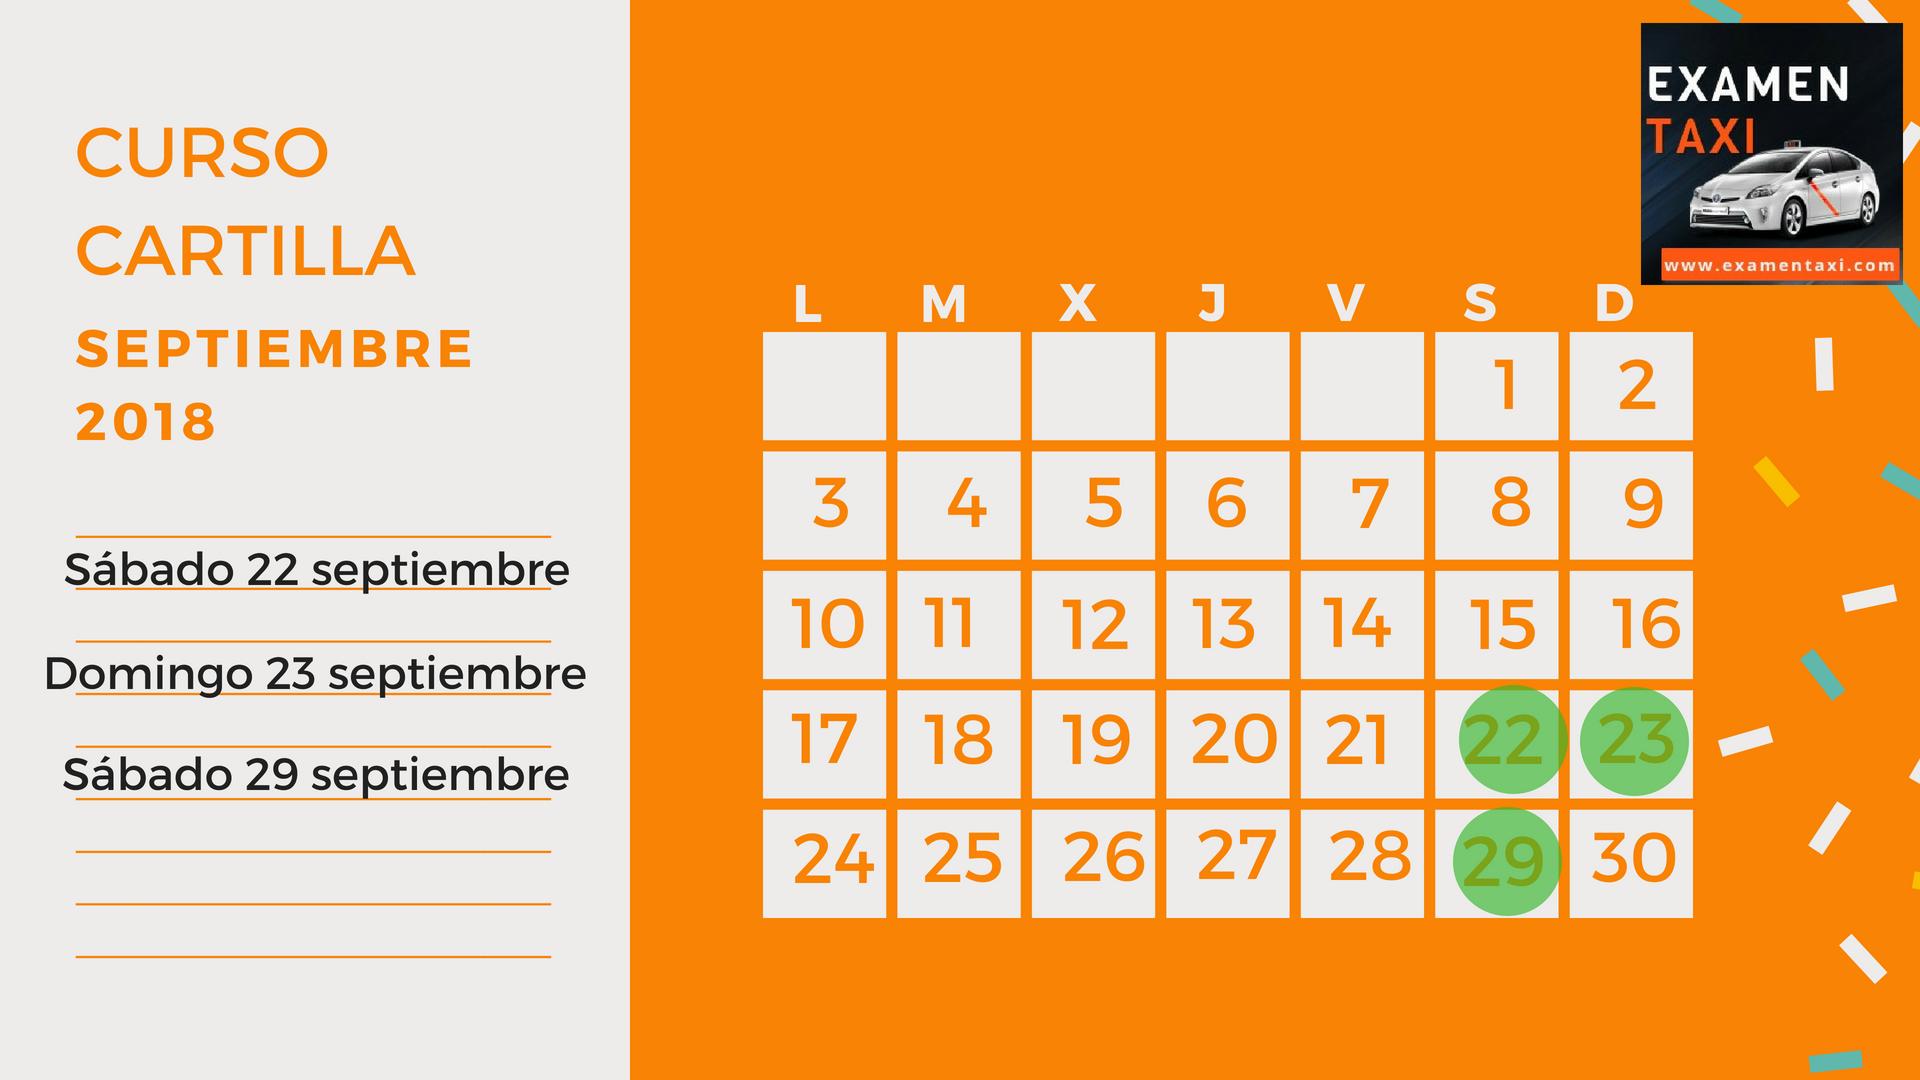 Calendario Curso Cartilla Septiembre 2018